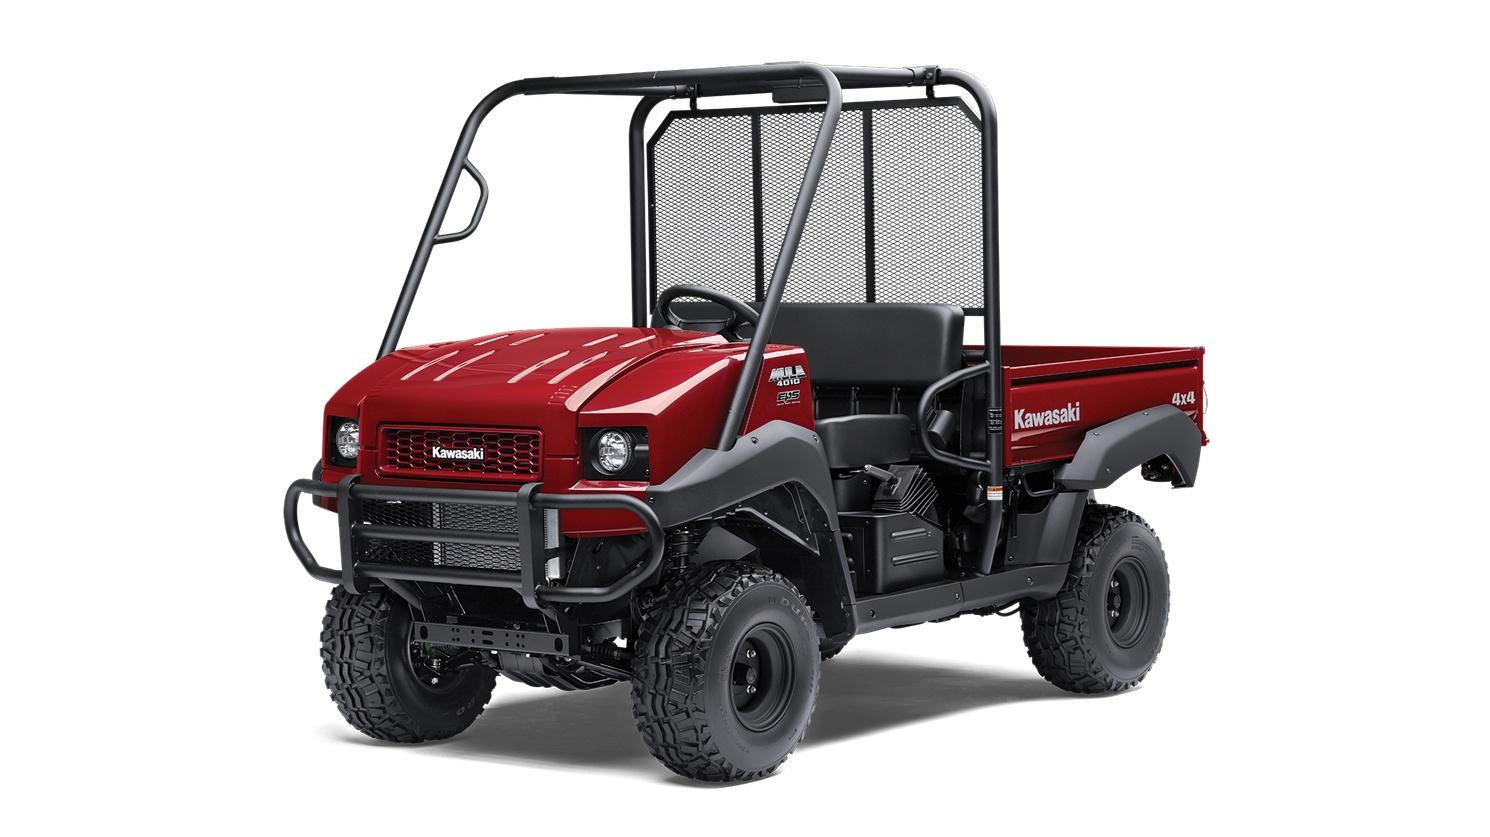 Kawasaki MULE 4010 4x4 Rouge Royal Foncé 2021